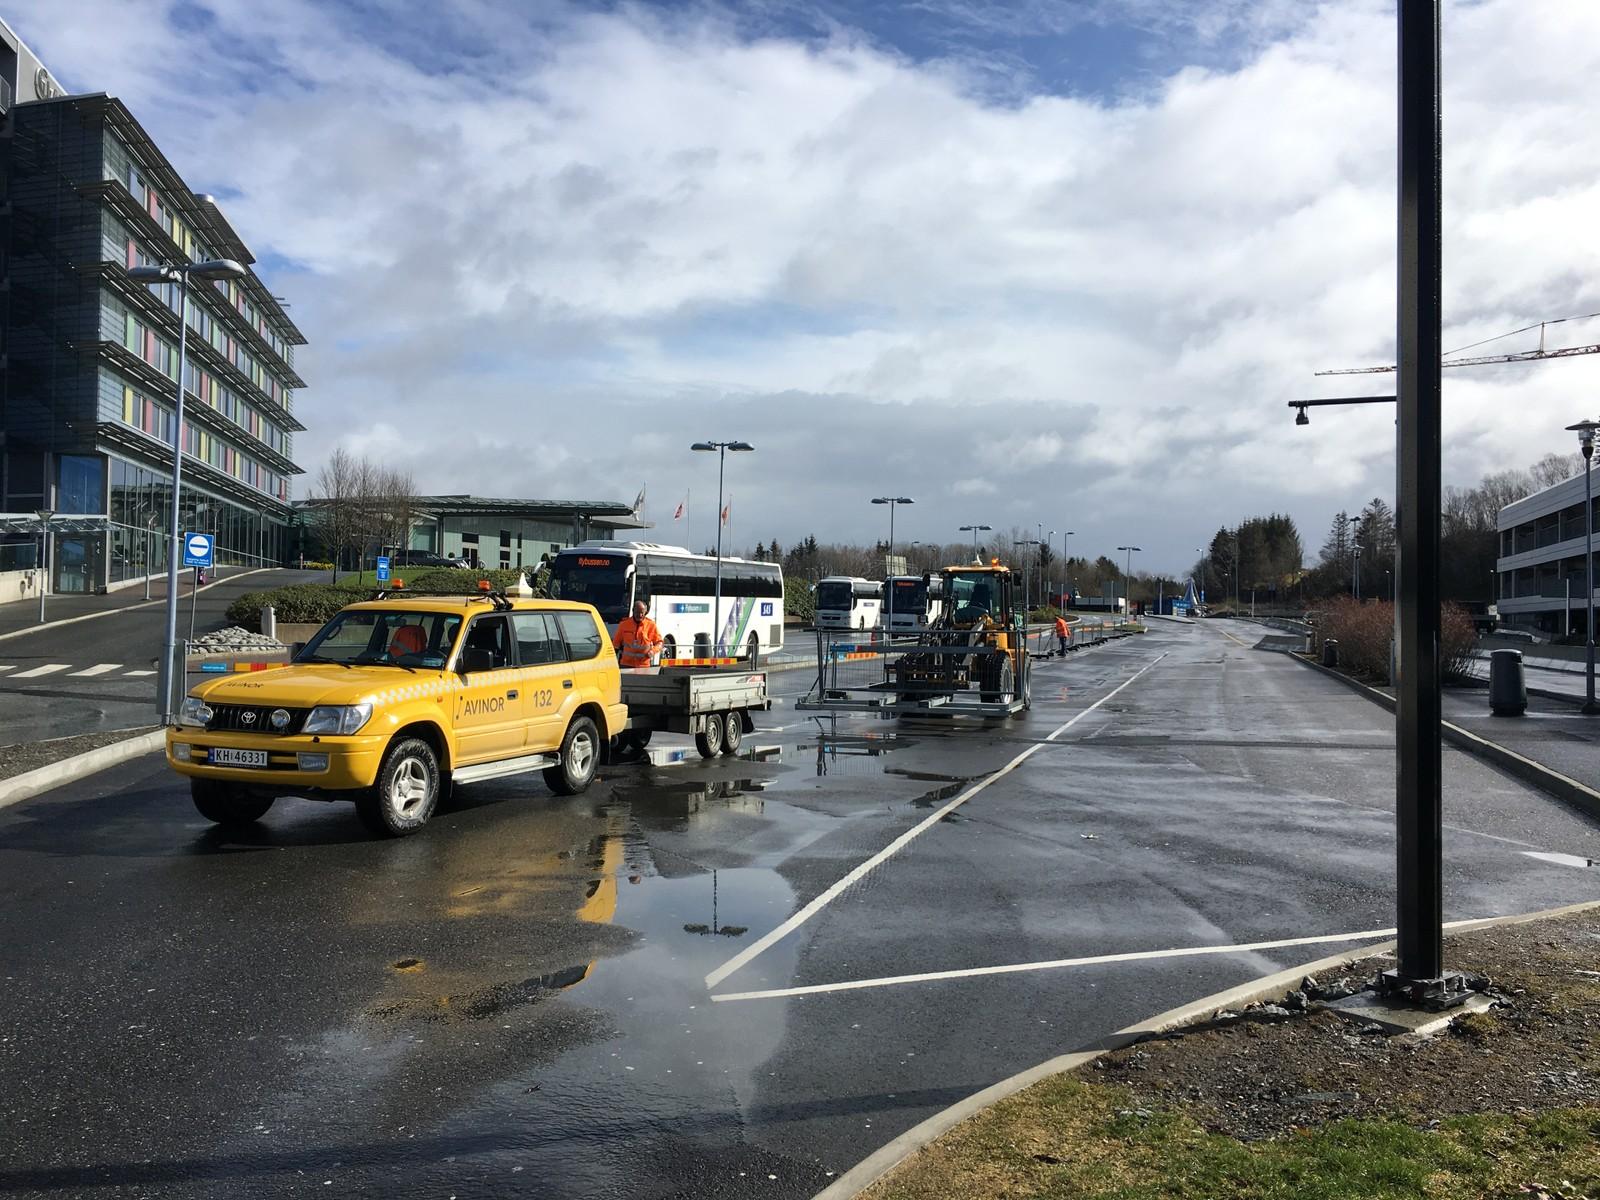 SETTER OPP SPERRINGER: Etter hvert flyttet drosjene seg bort fra ankomstområdet på Flesland, og Avinor får sette opp sperringene i fred.